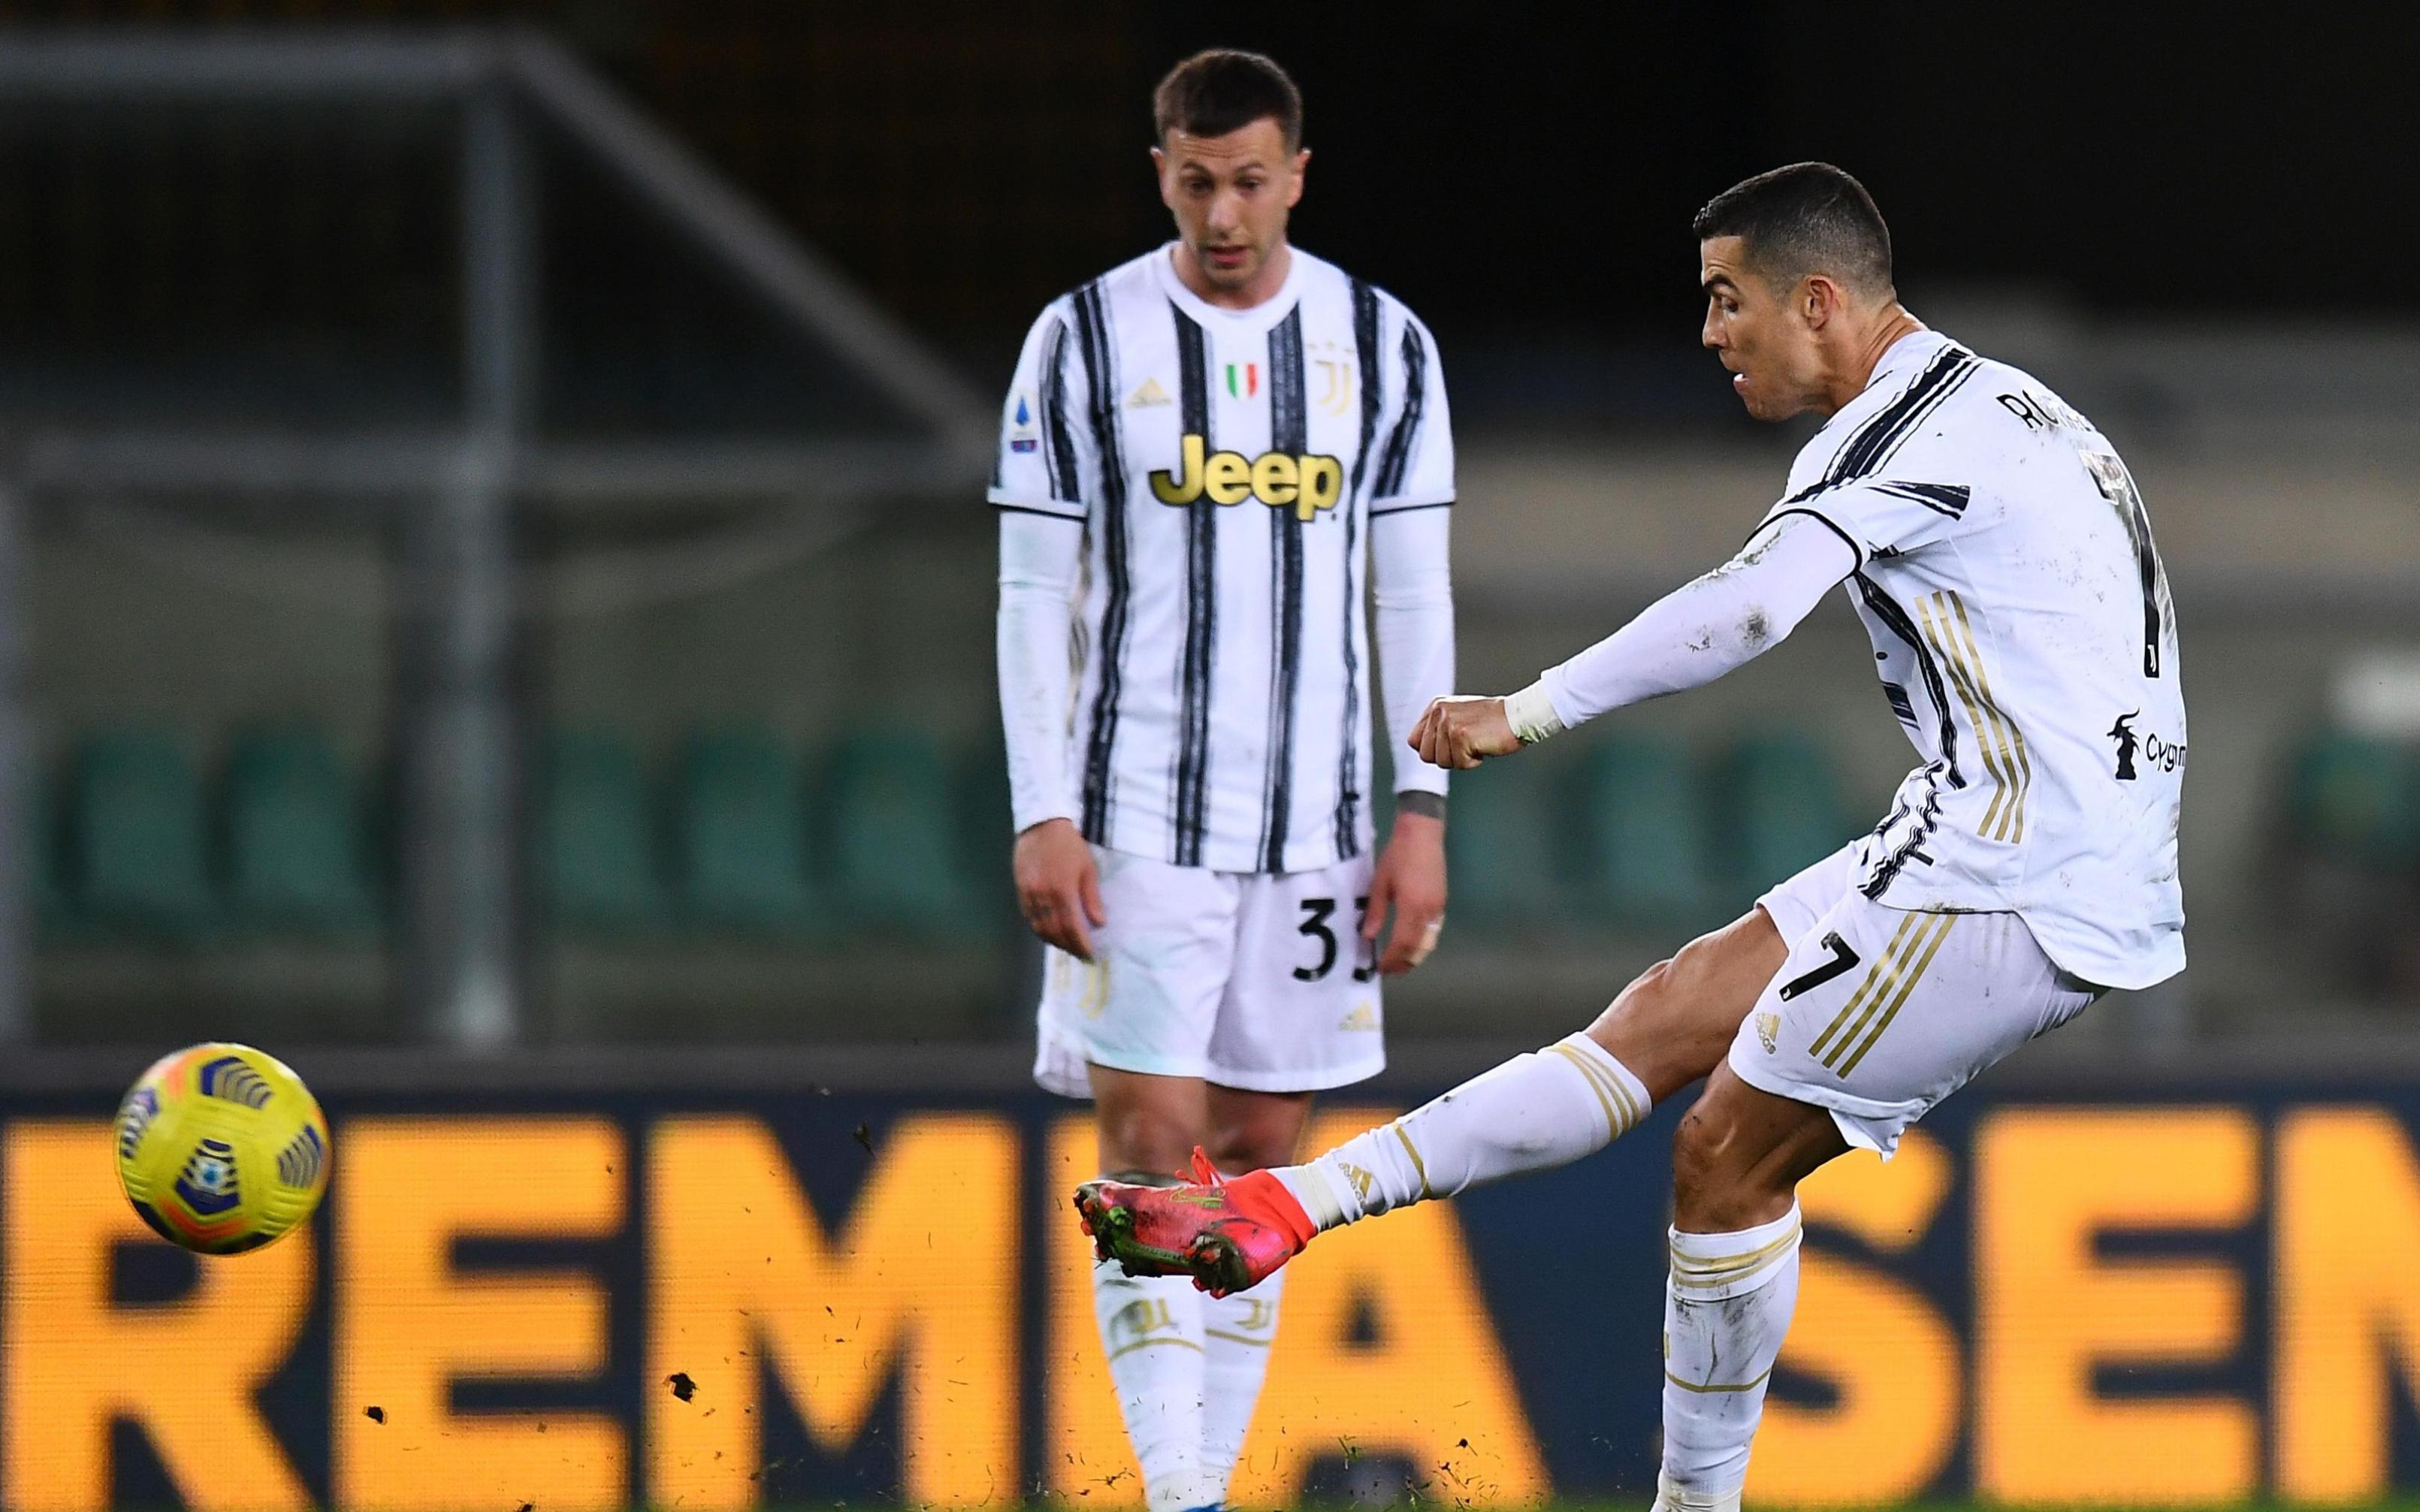 Lập siêu kỷ lục nhưng Ronaldo sẽ khiến Juventus phải